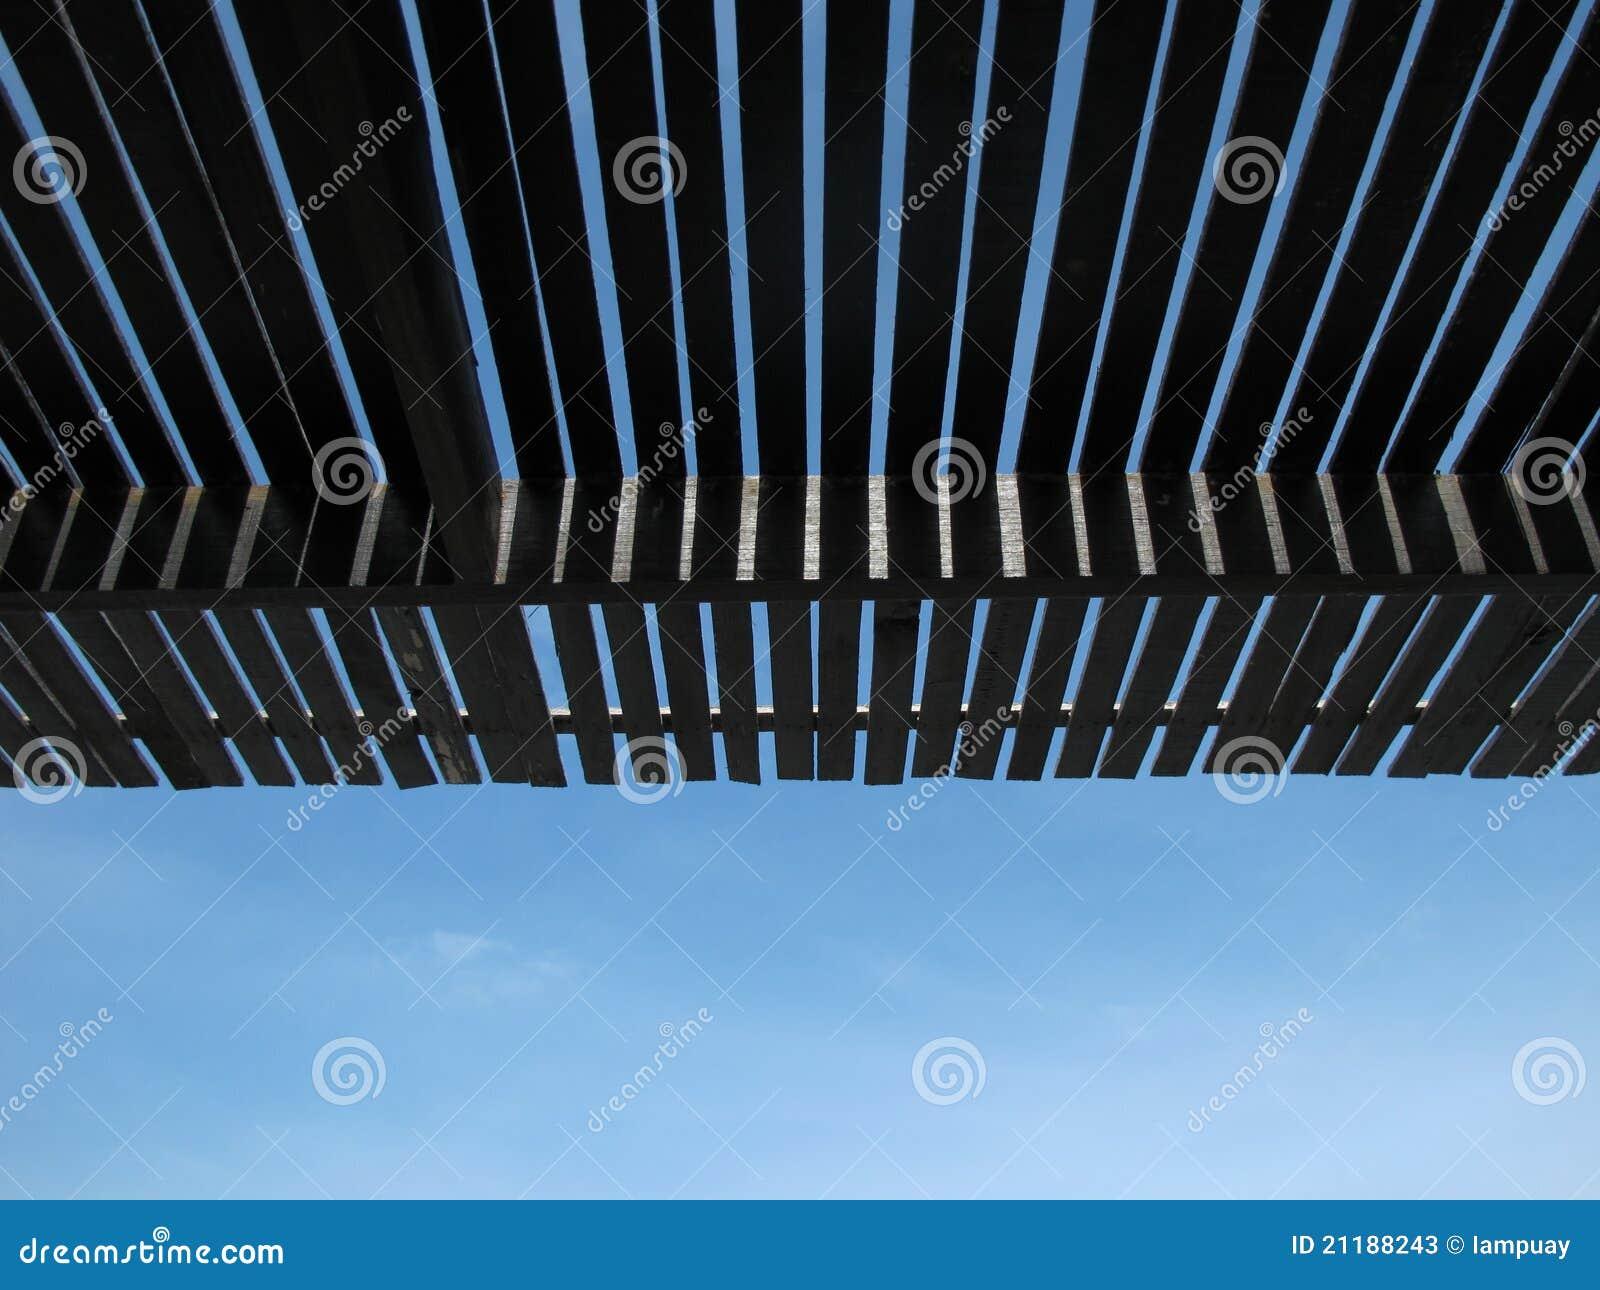 Roof batten under sky